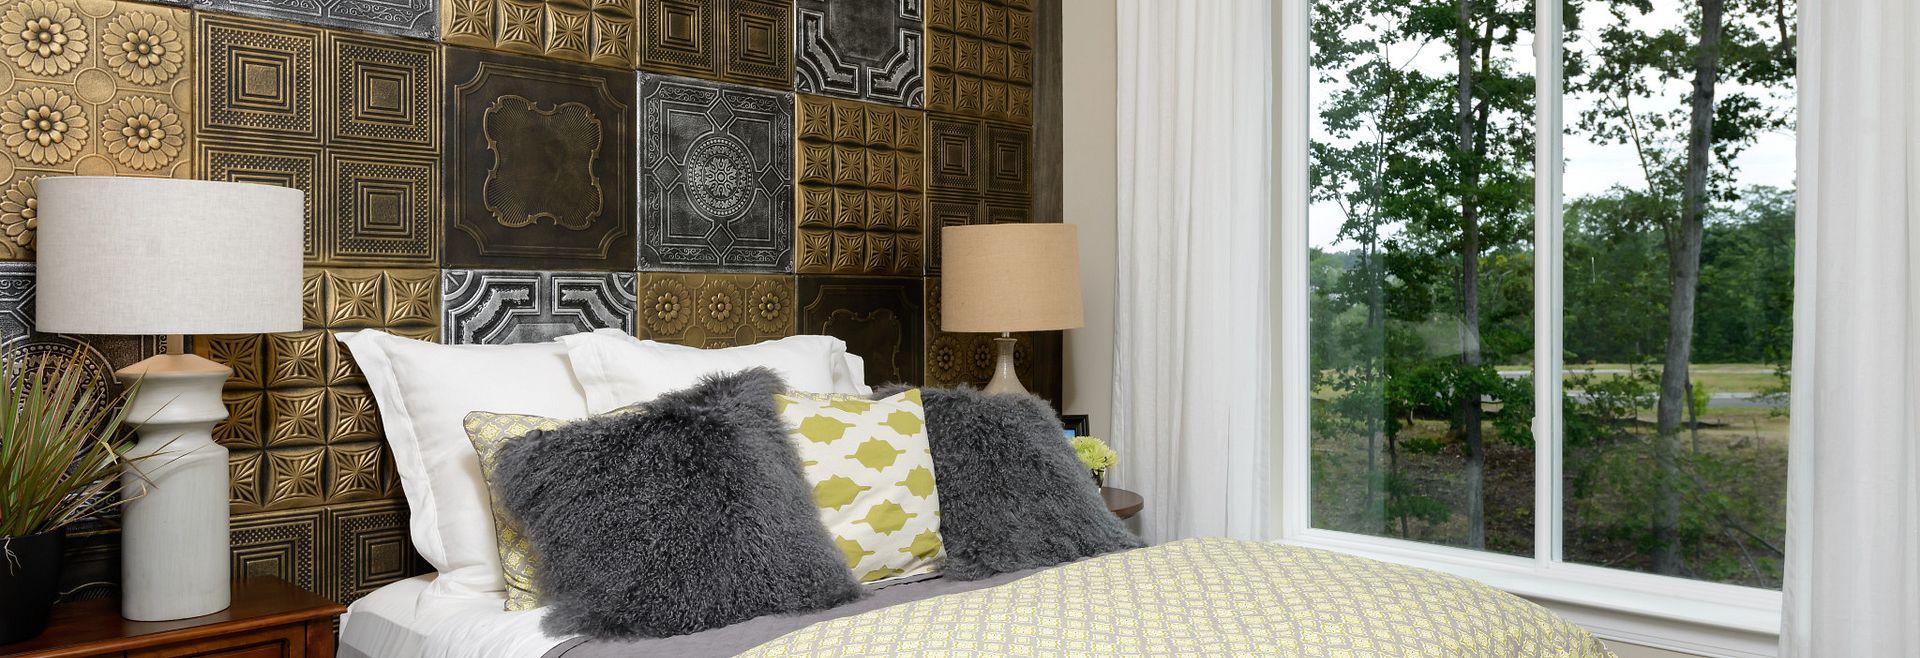 Evoke Plan Guest Bed